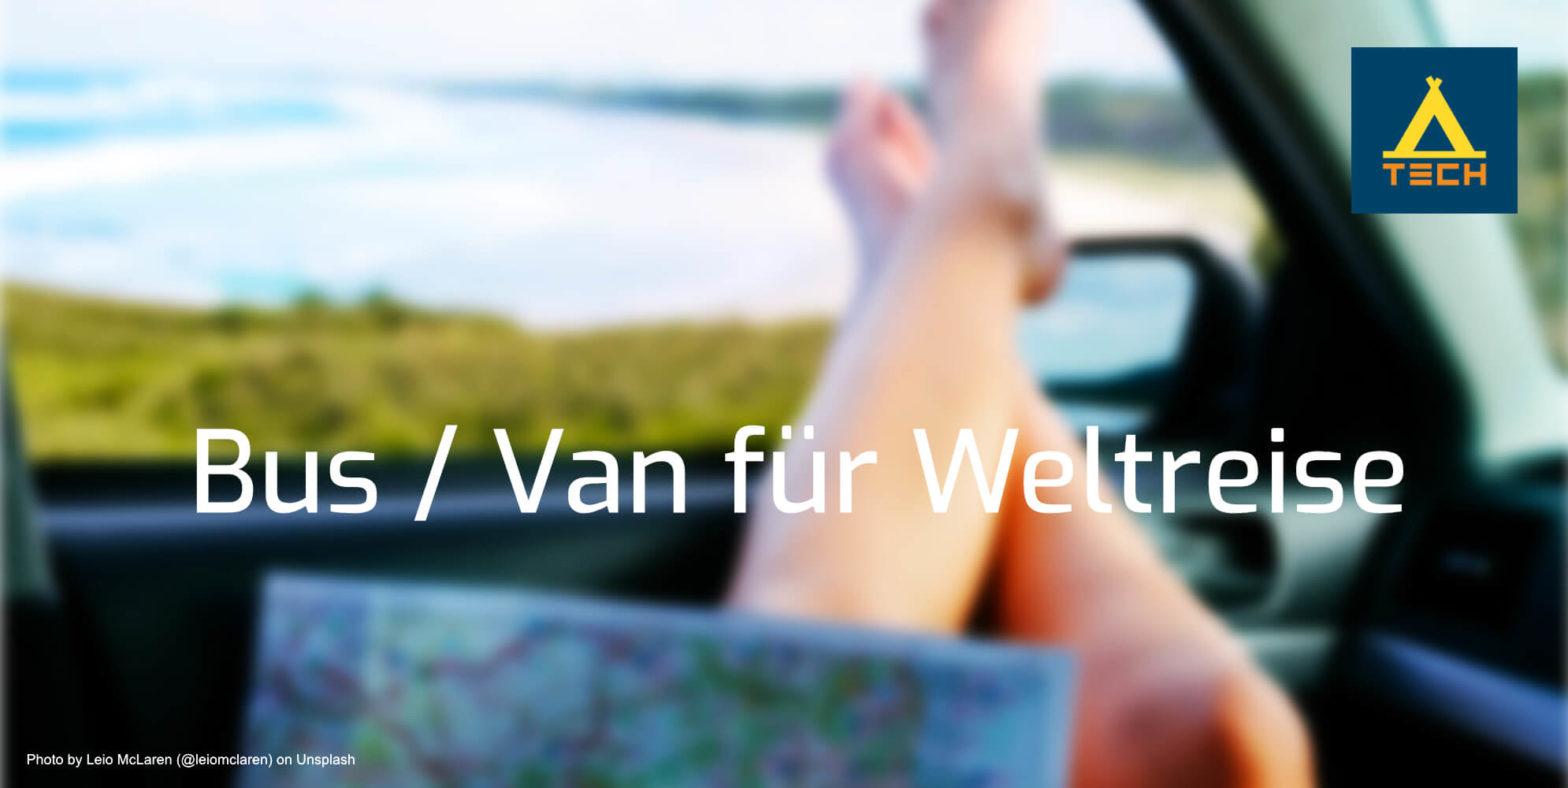 Bus und Van für Weltreise - ein Leitfaden